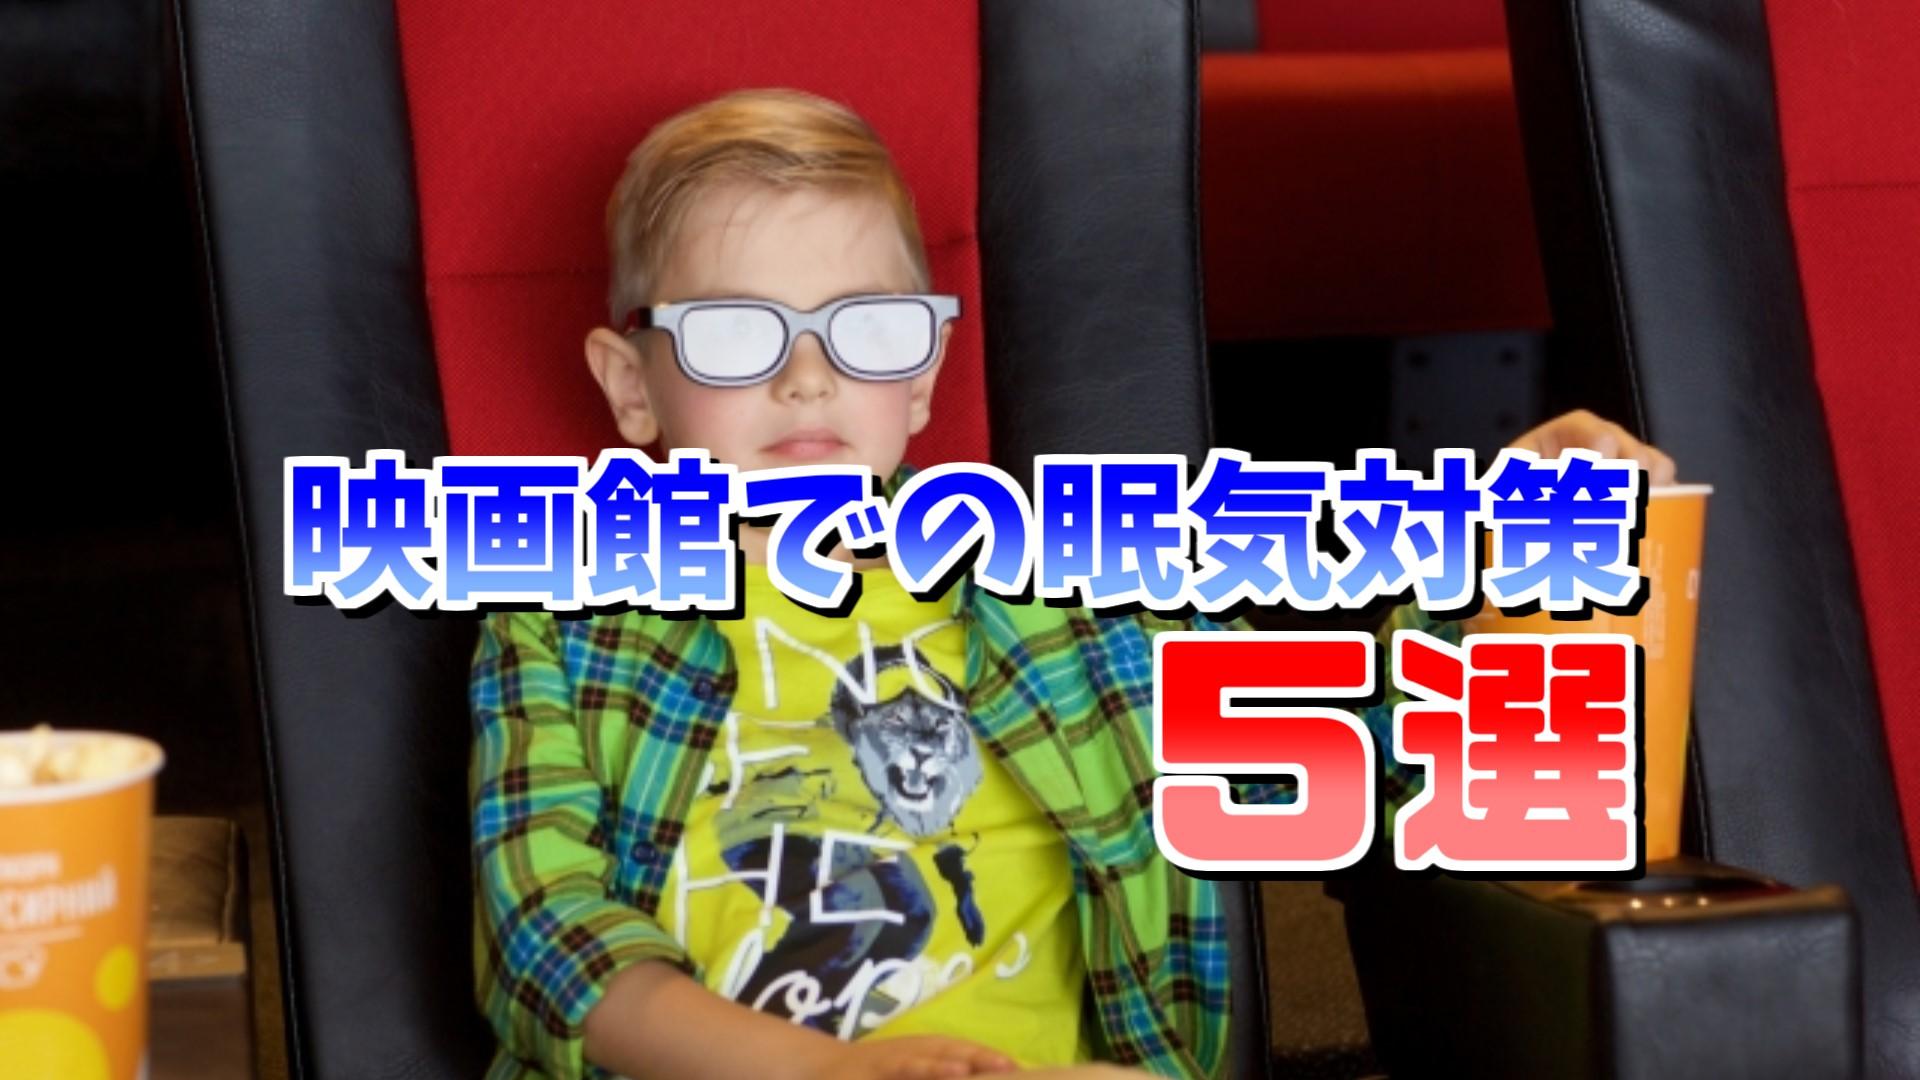 映画館眠気対策